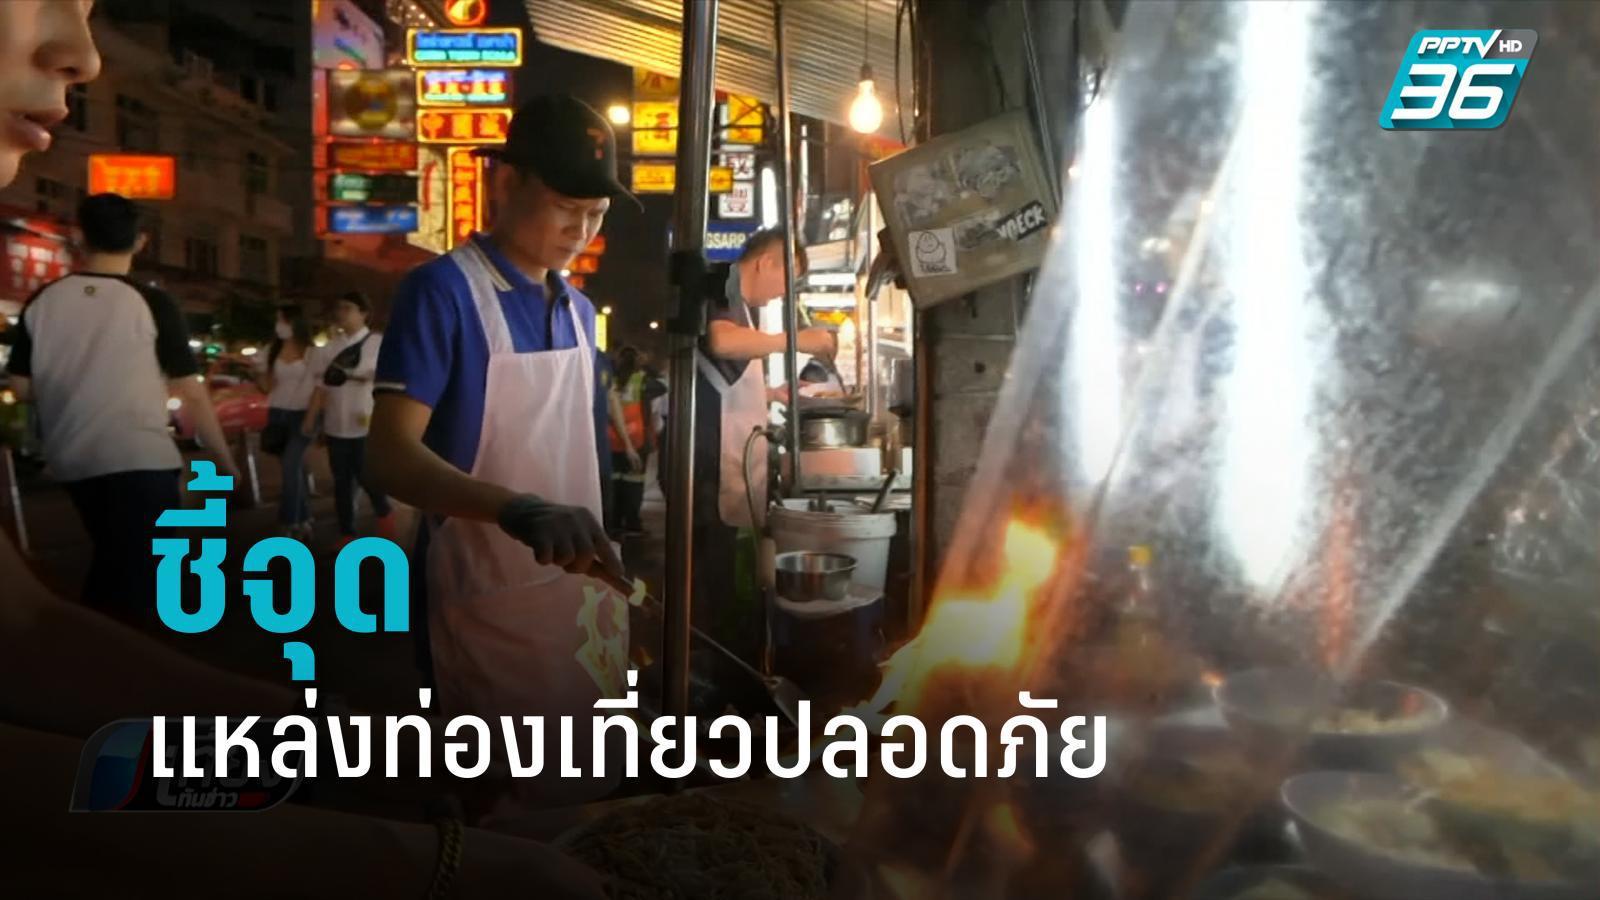 ททท. ผนึก สตาร์ทอัพไทย ชี้จุดแหล่งท่องเที่ยวปลอดภัย